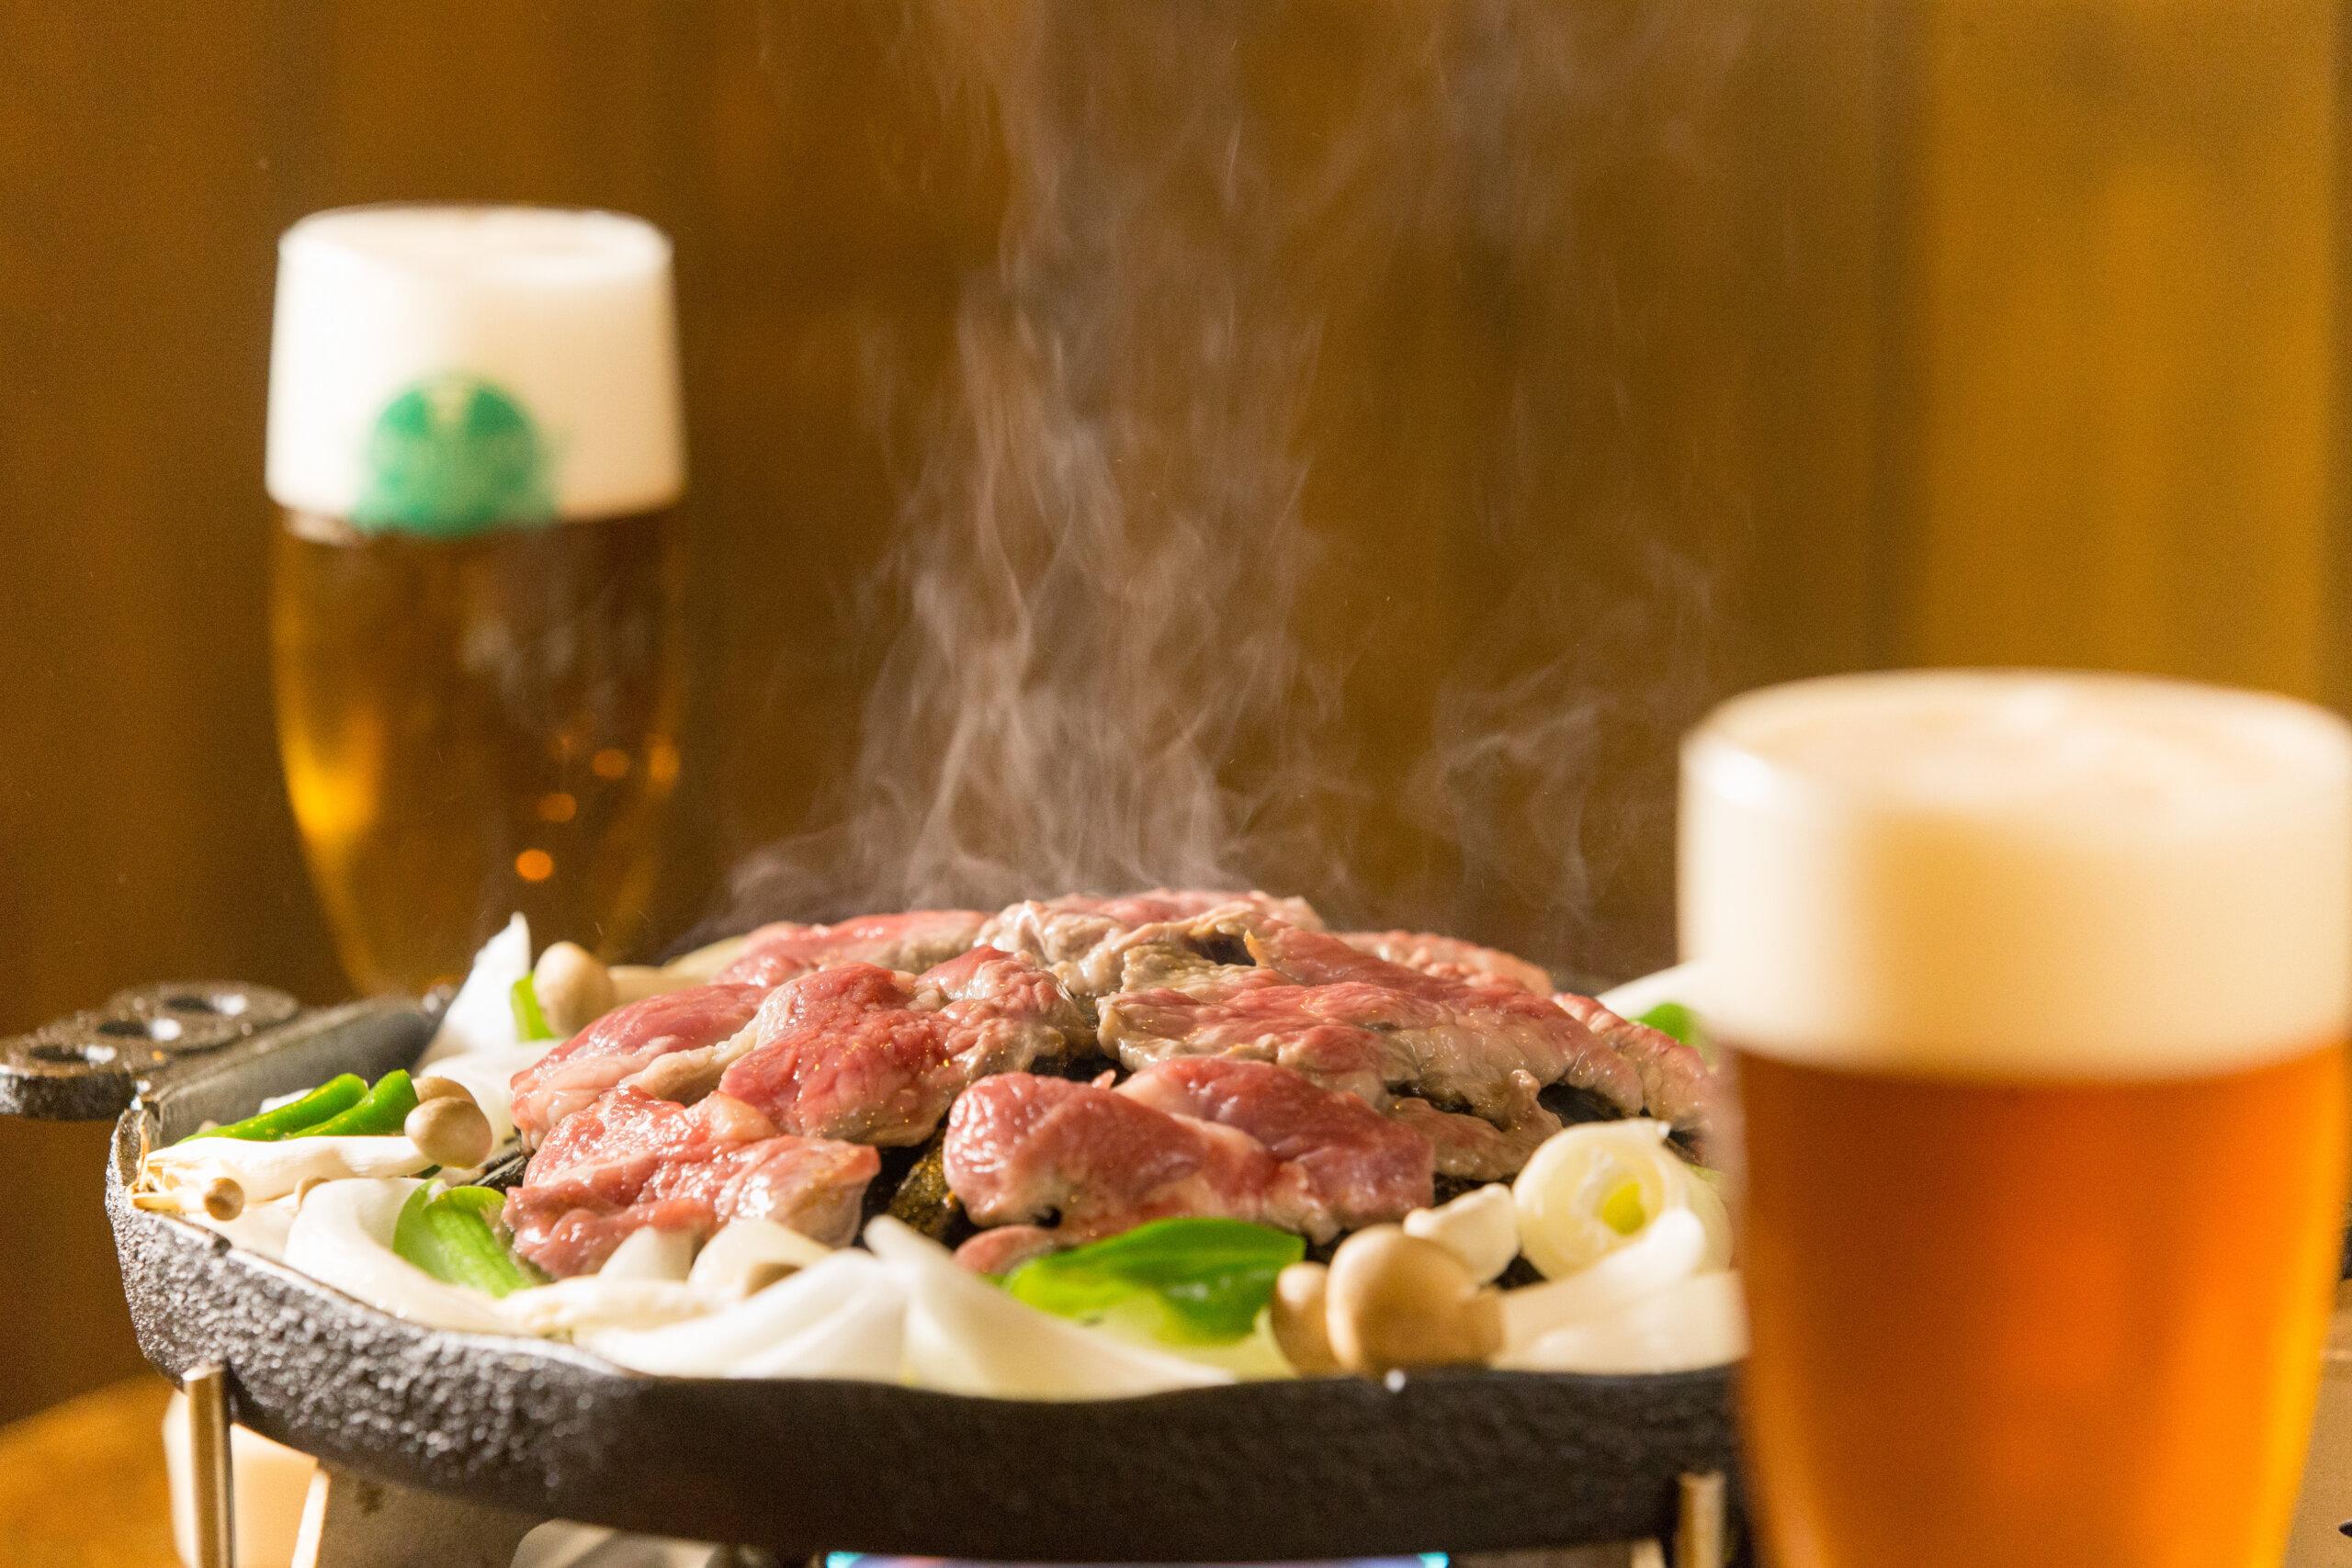 大雪地啤酒館:來品嚐香醇的當地啤酒,多款啤酒小酌方案任你挑選